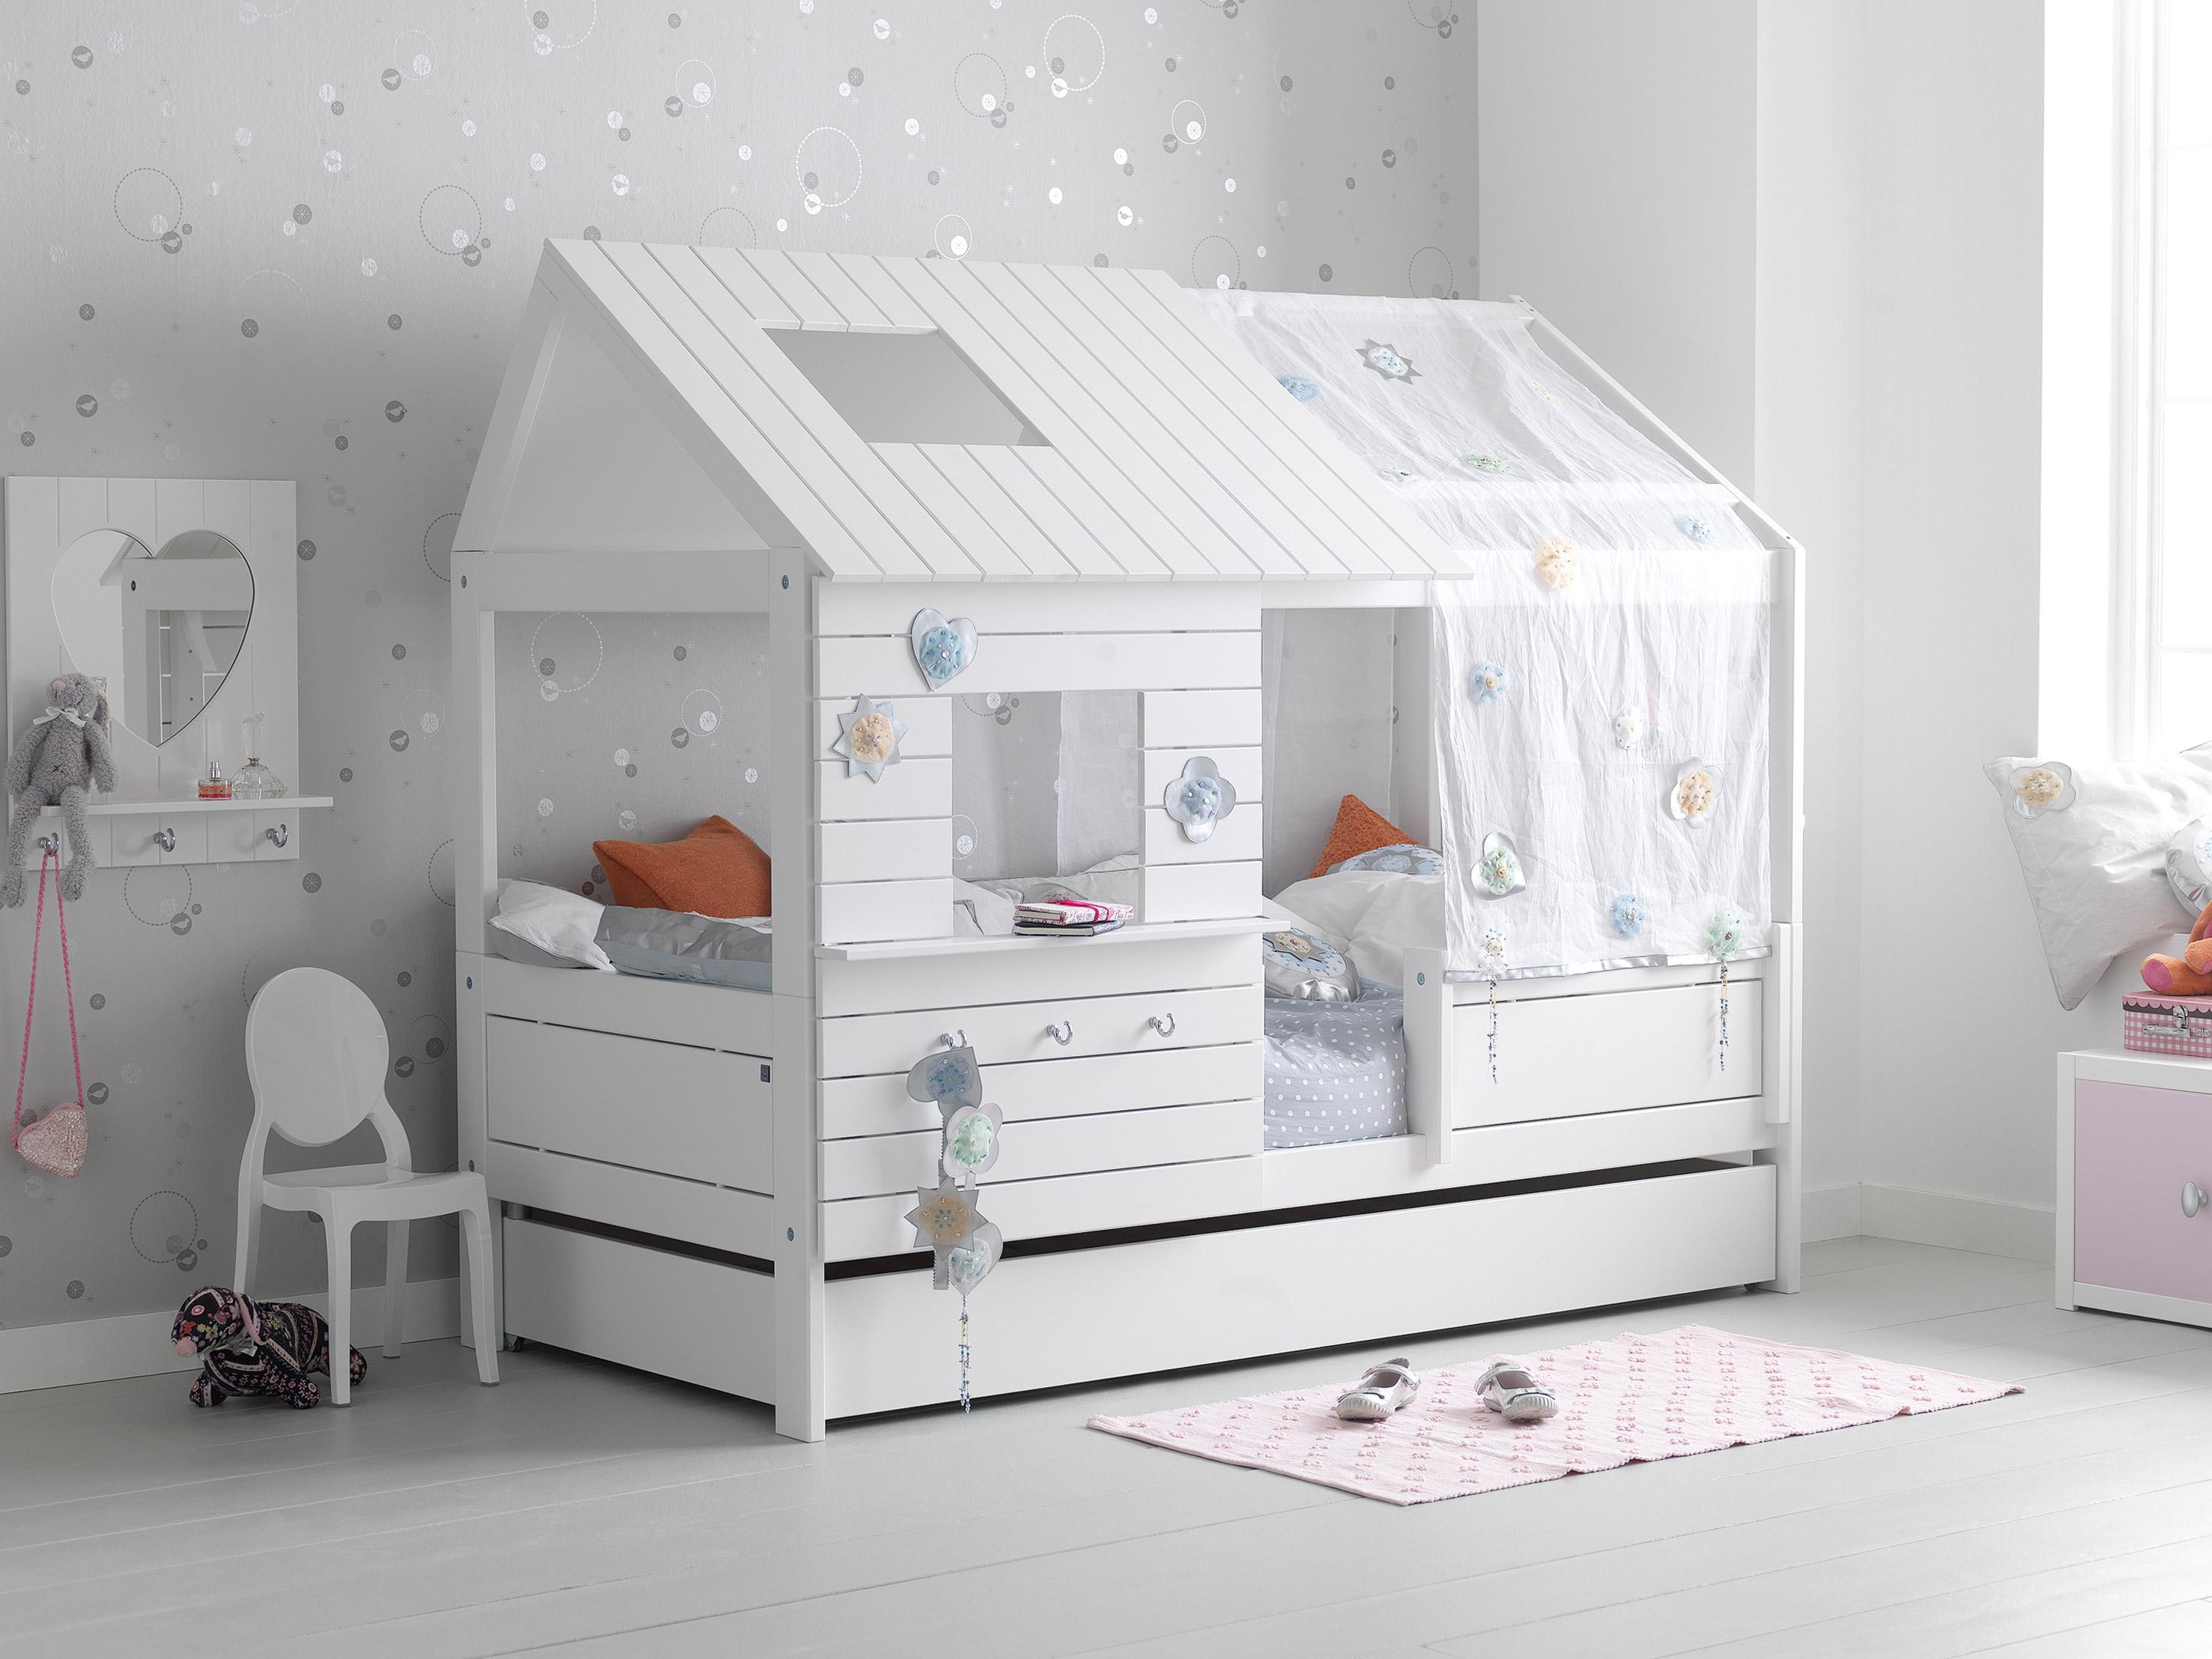 Nordica casetta bianca bassa belv camerette torino - Camerette bambini legno naturale ...